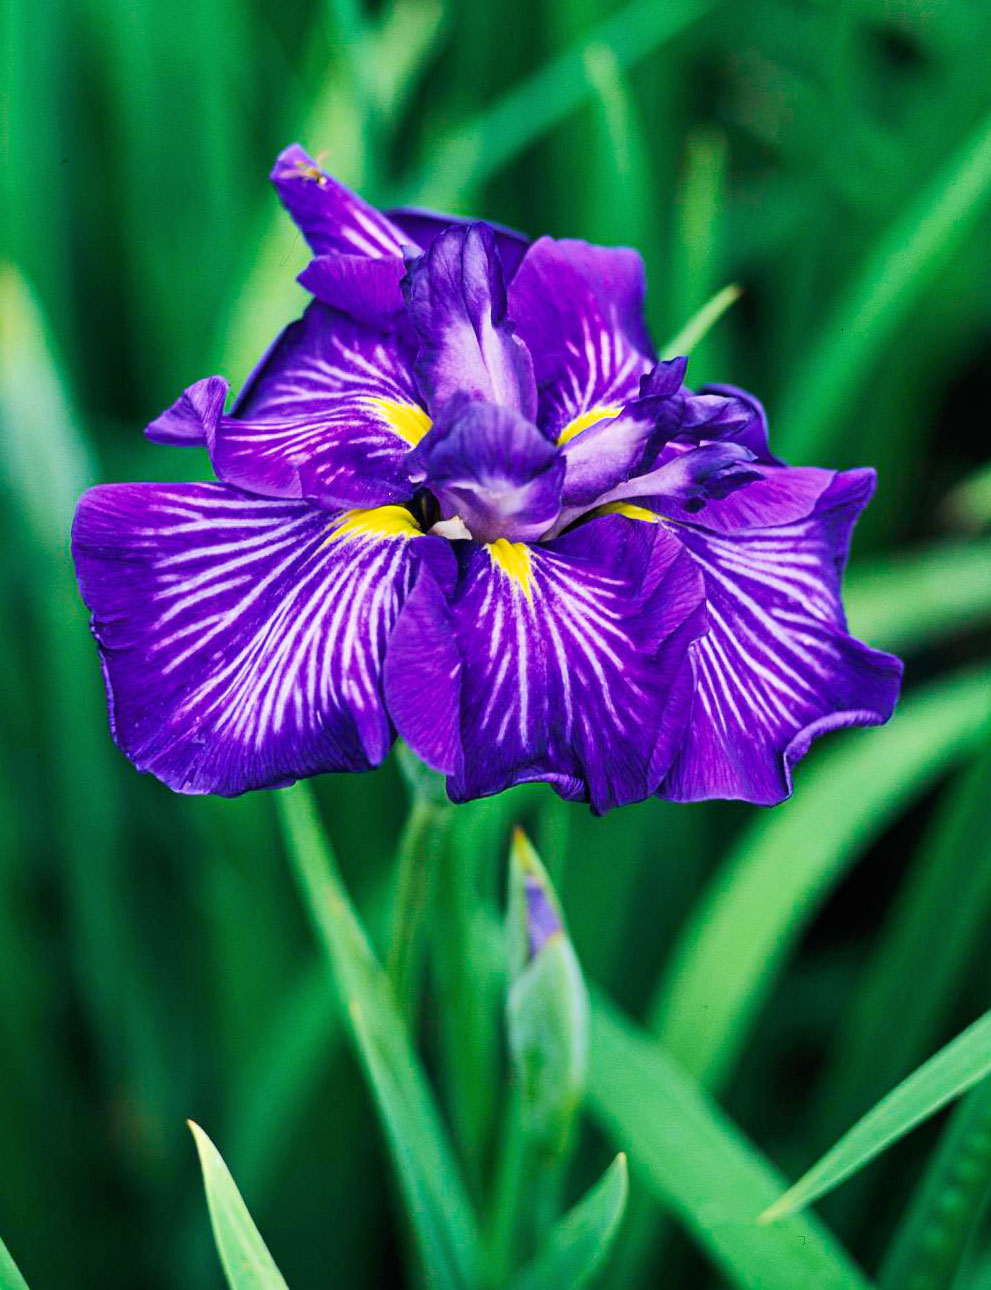 Ordering irises